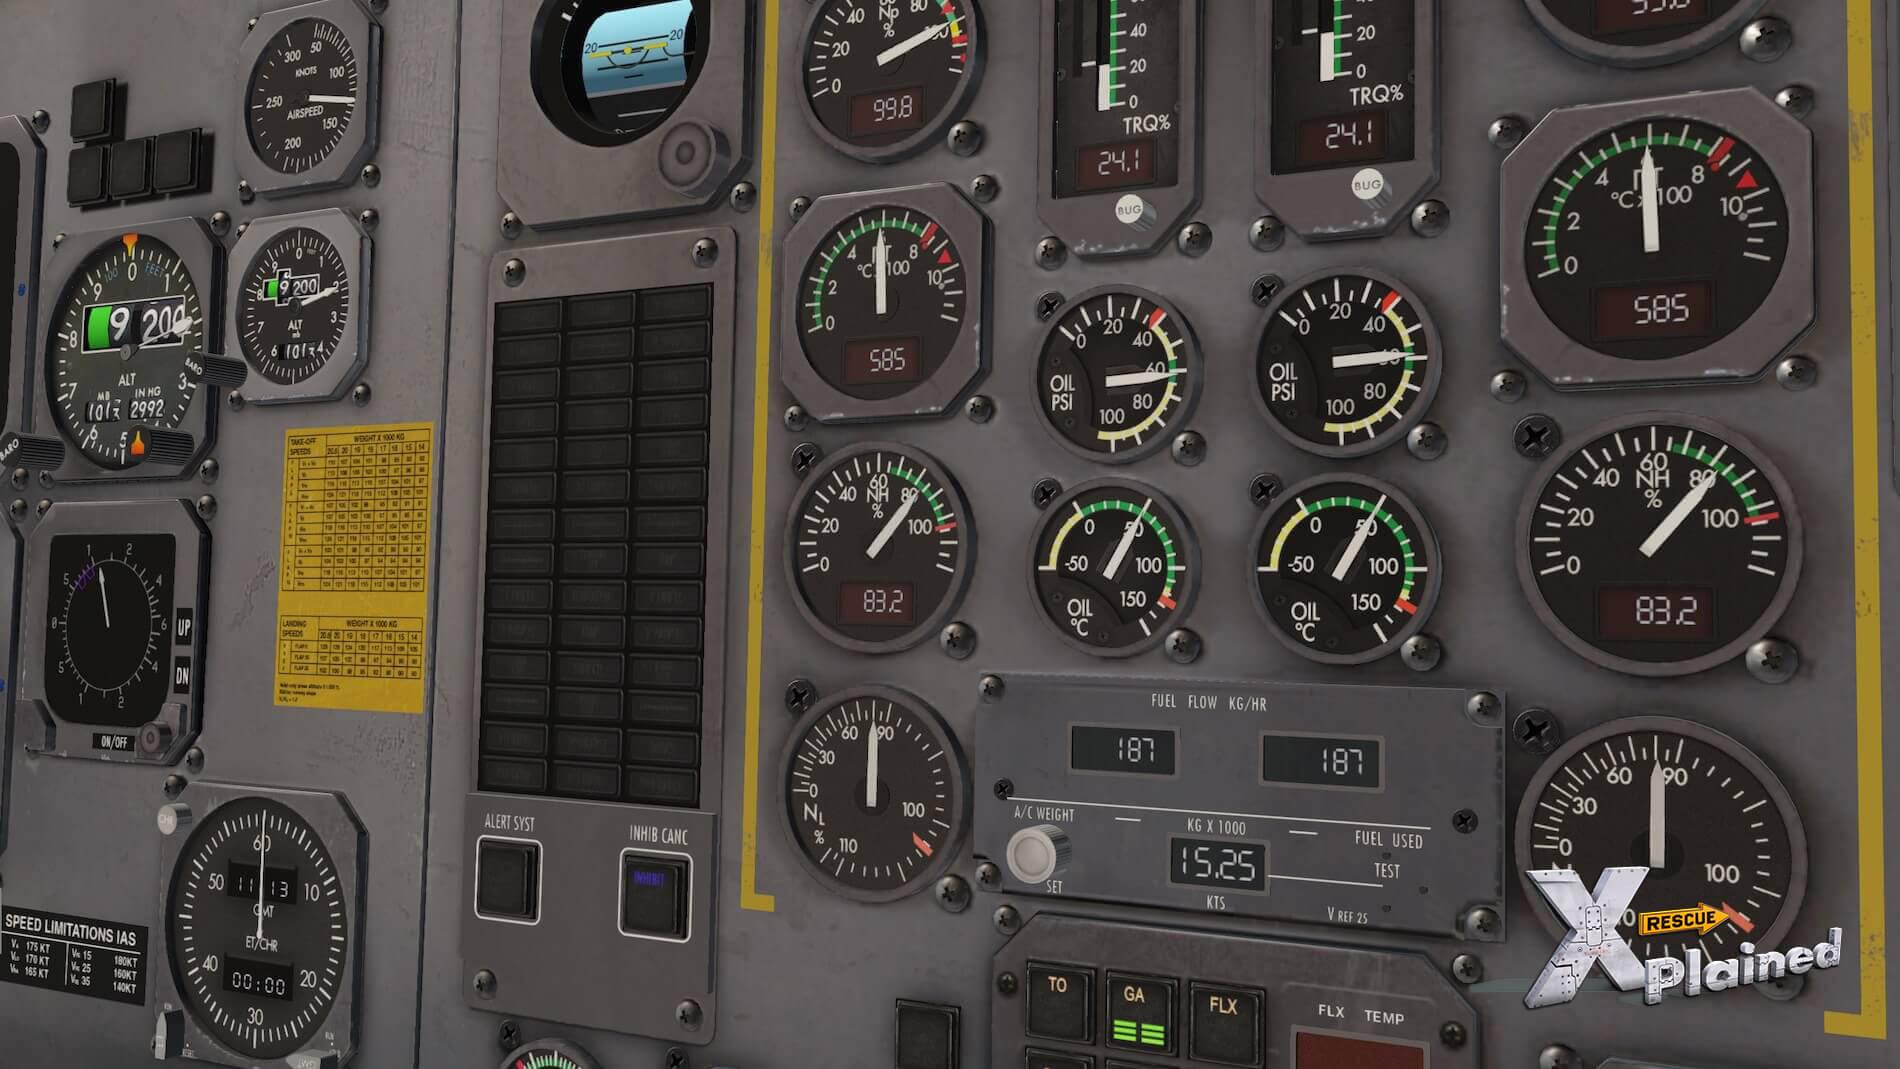 Impression-F50-Carenado-6